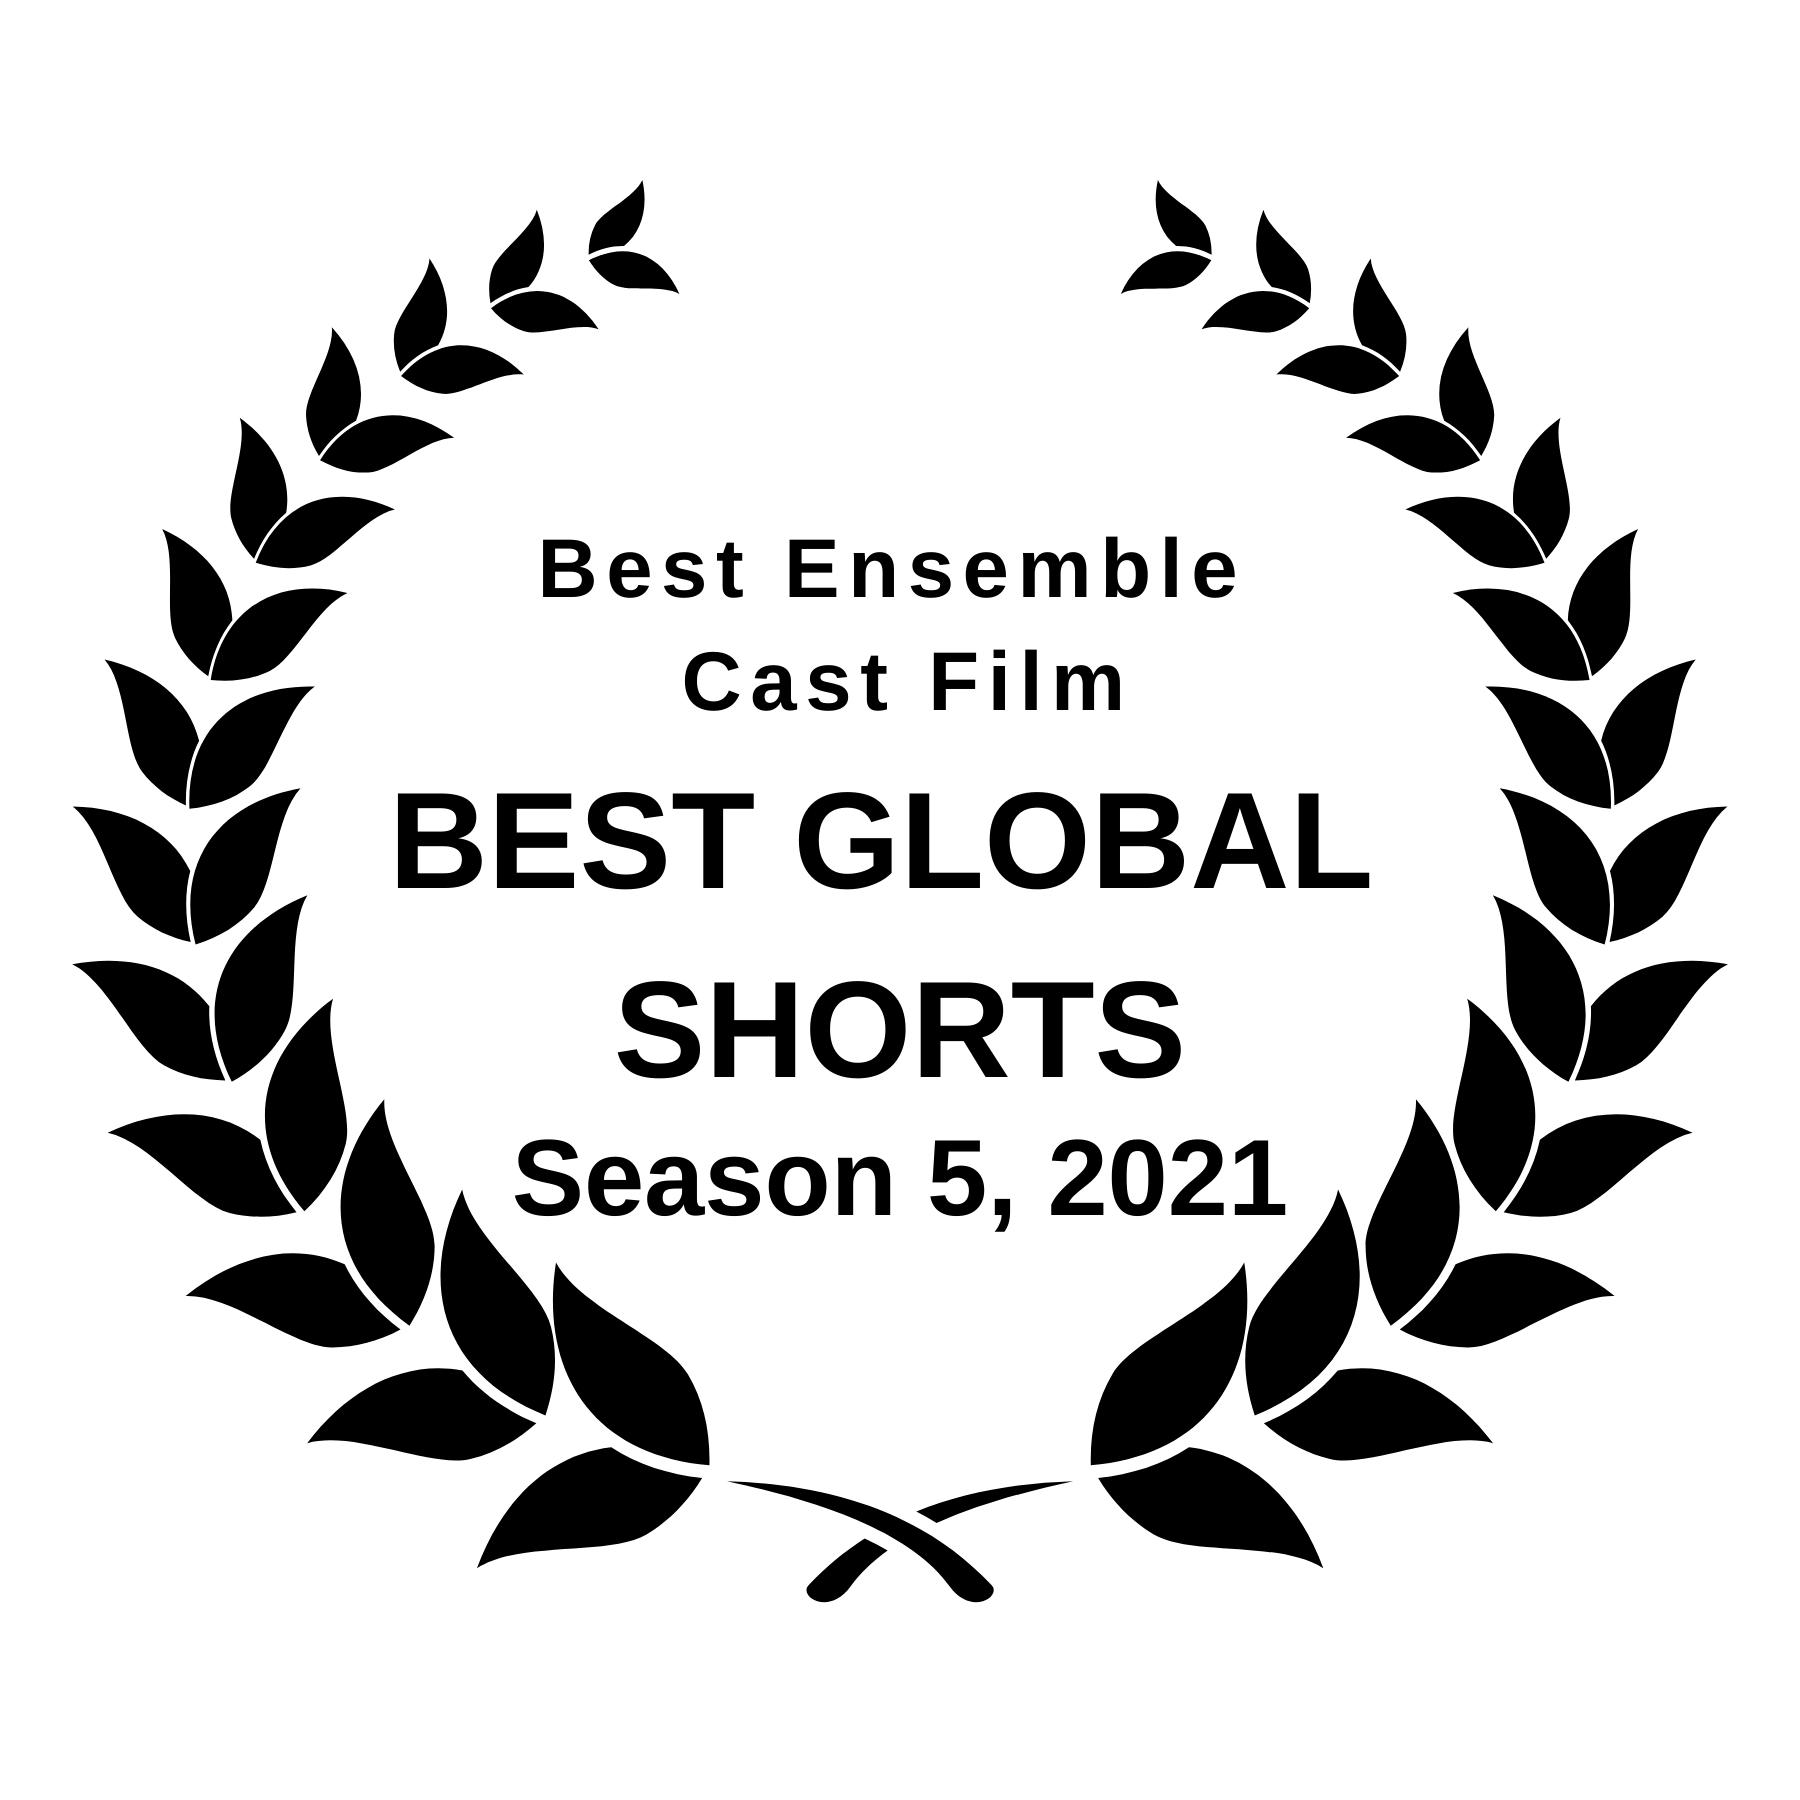 Best Global Shorts - Best Ensemble Cast